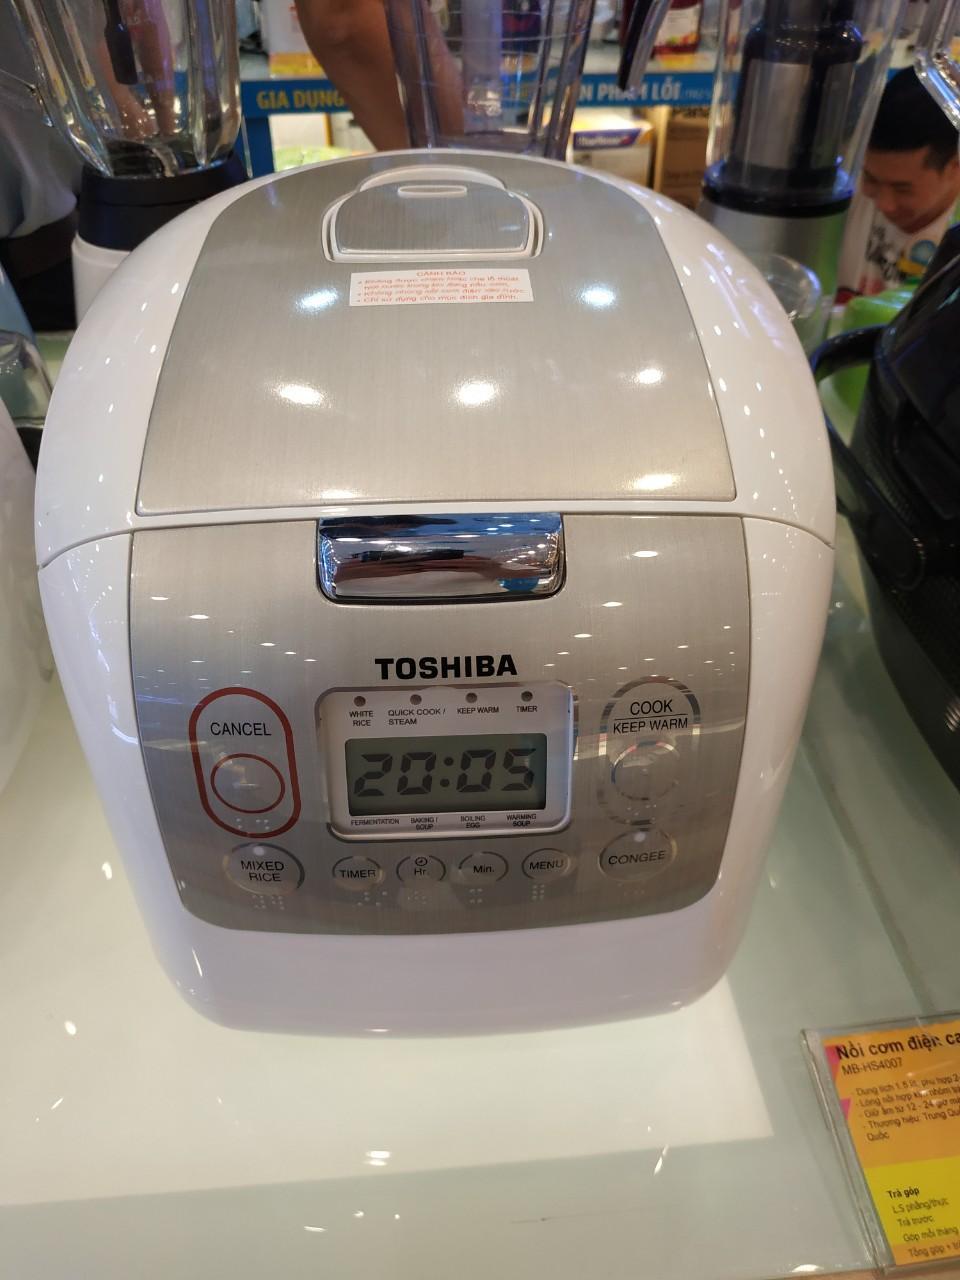 Offer Ưu Đãi Nồi Cơm điện Tử Toshiba 1.8 Lít RC-18NMF ( HÀNG TRƯNG BÀY ) Lòng Nồi Bằnghợp Kim Nhôm Tráng Chống DínhDiamond Titaniumbền Bỉ. Nồi Nấucơm Chín đều, Ngonvới Công Nghệ Nấu 3D. SX THAI LAN